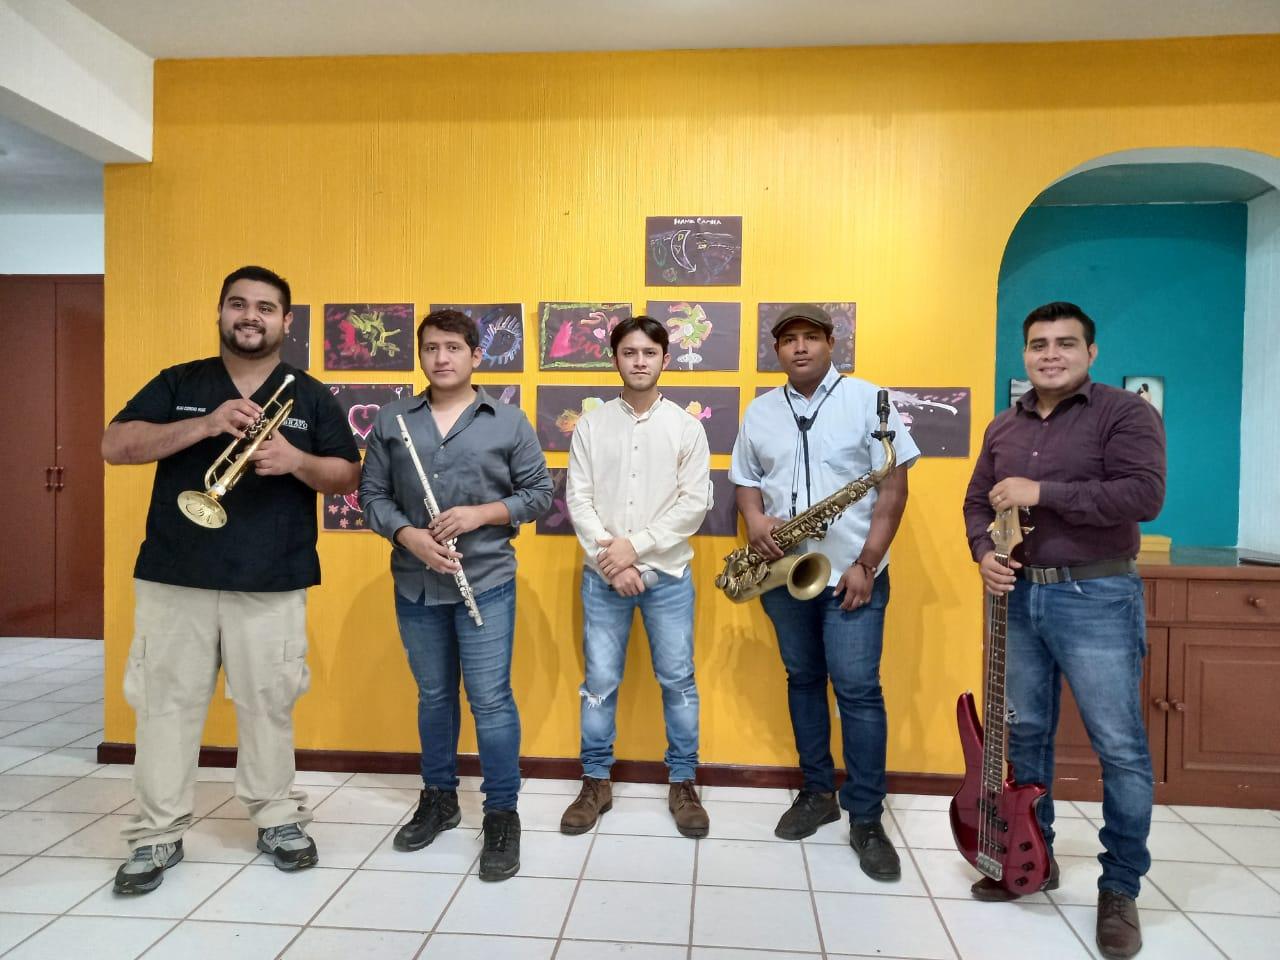 Ensamble musical de la Casa de la Cultura de Tapachula